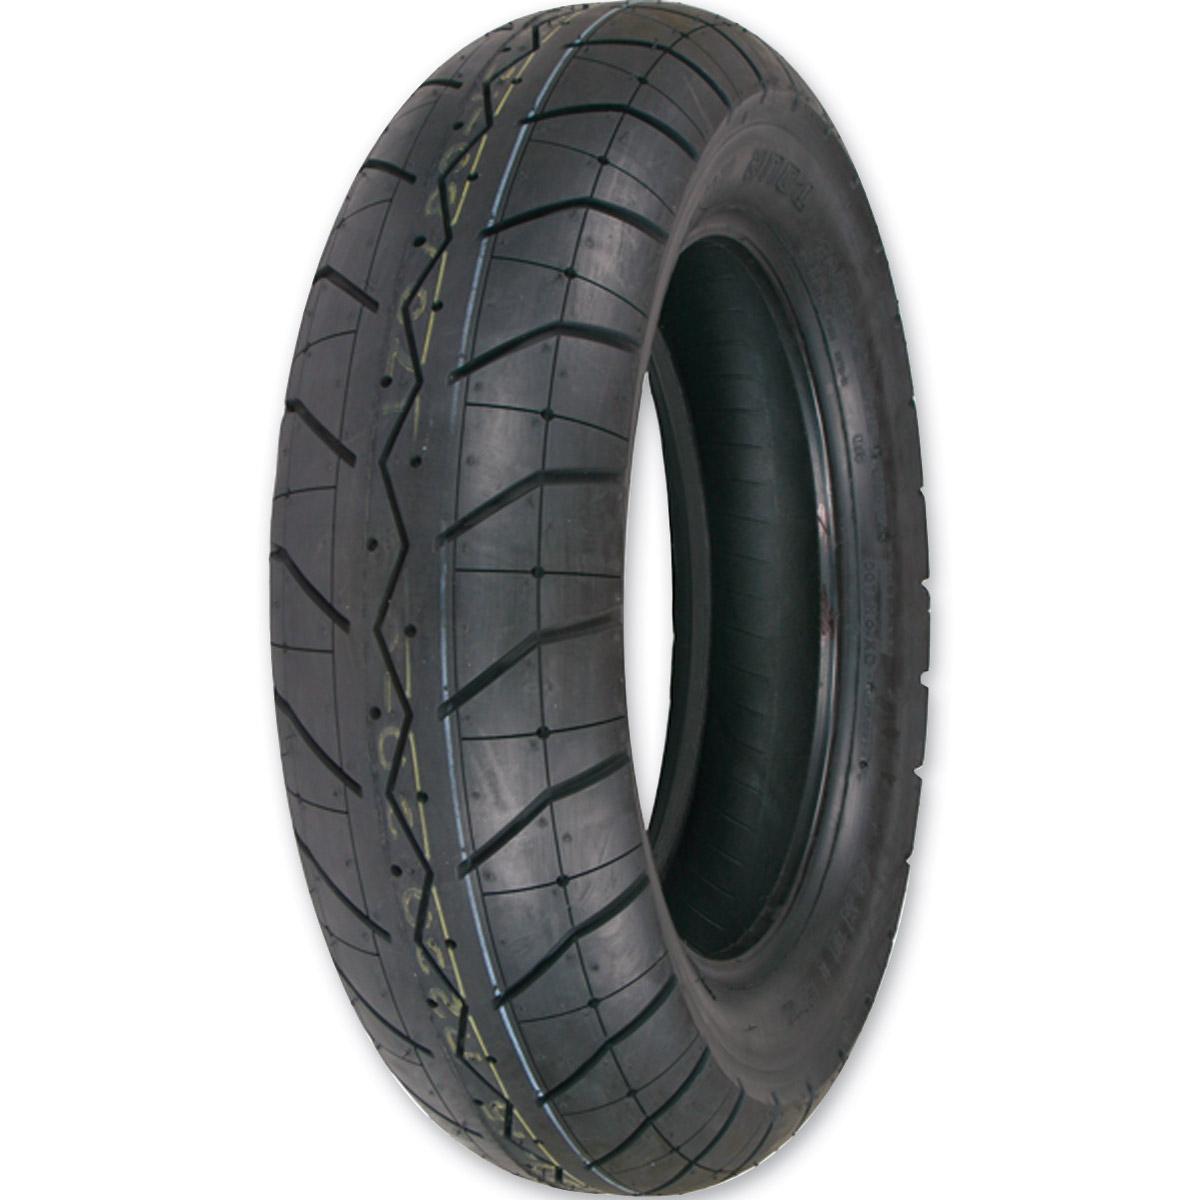 Shinko 230 Tour Master 130/90-16 Rear Tire